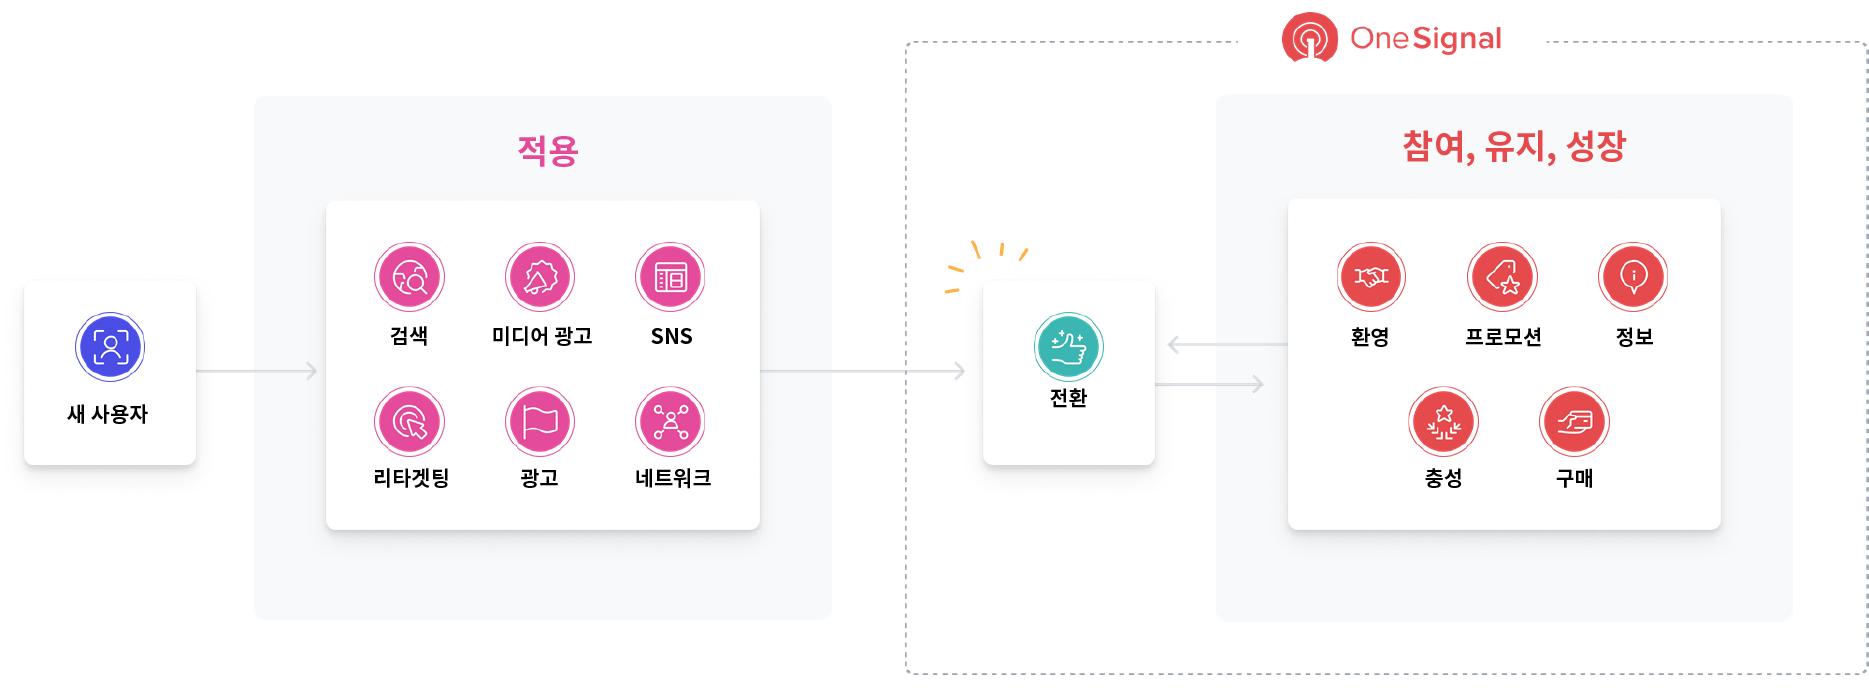 원시그널_한국어 수정